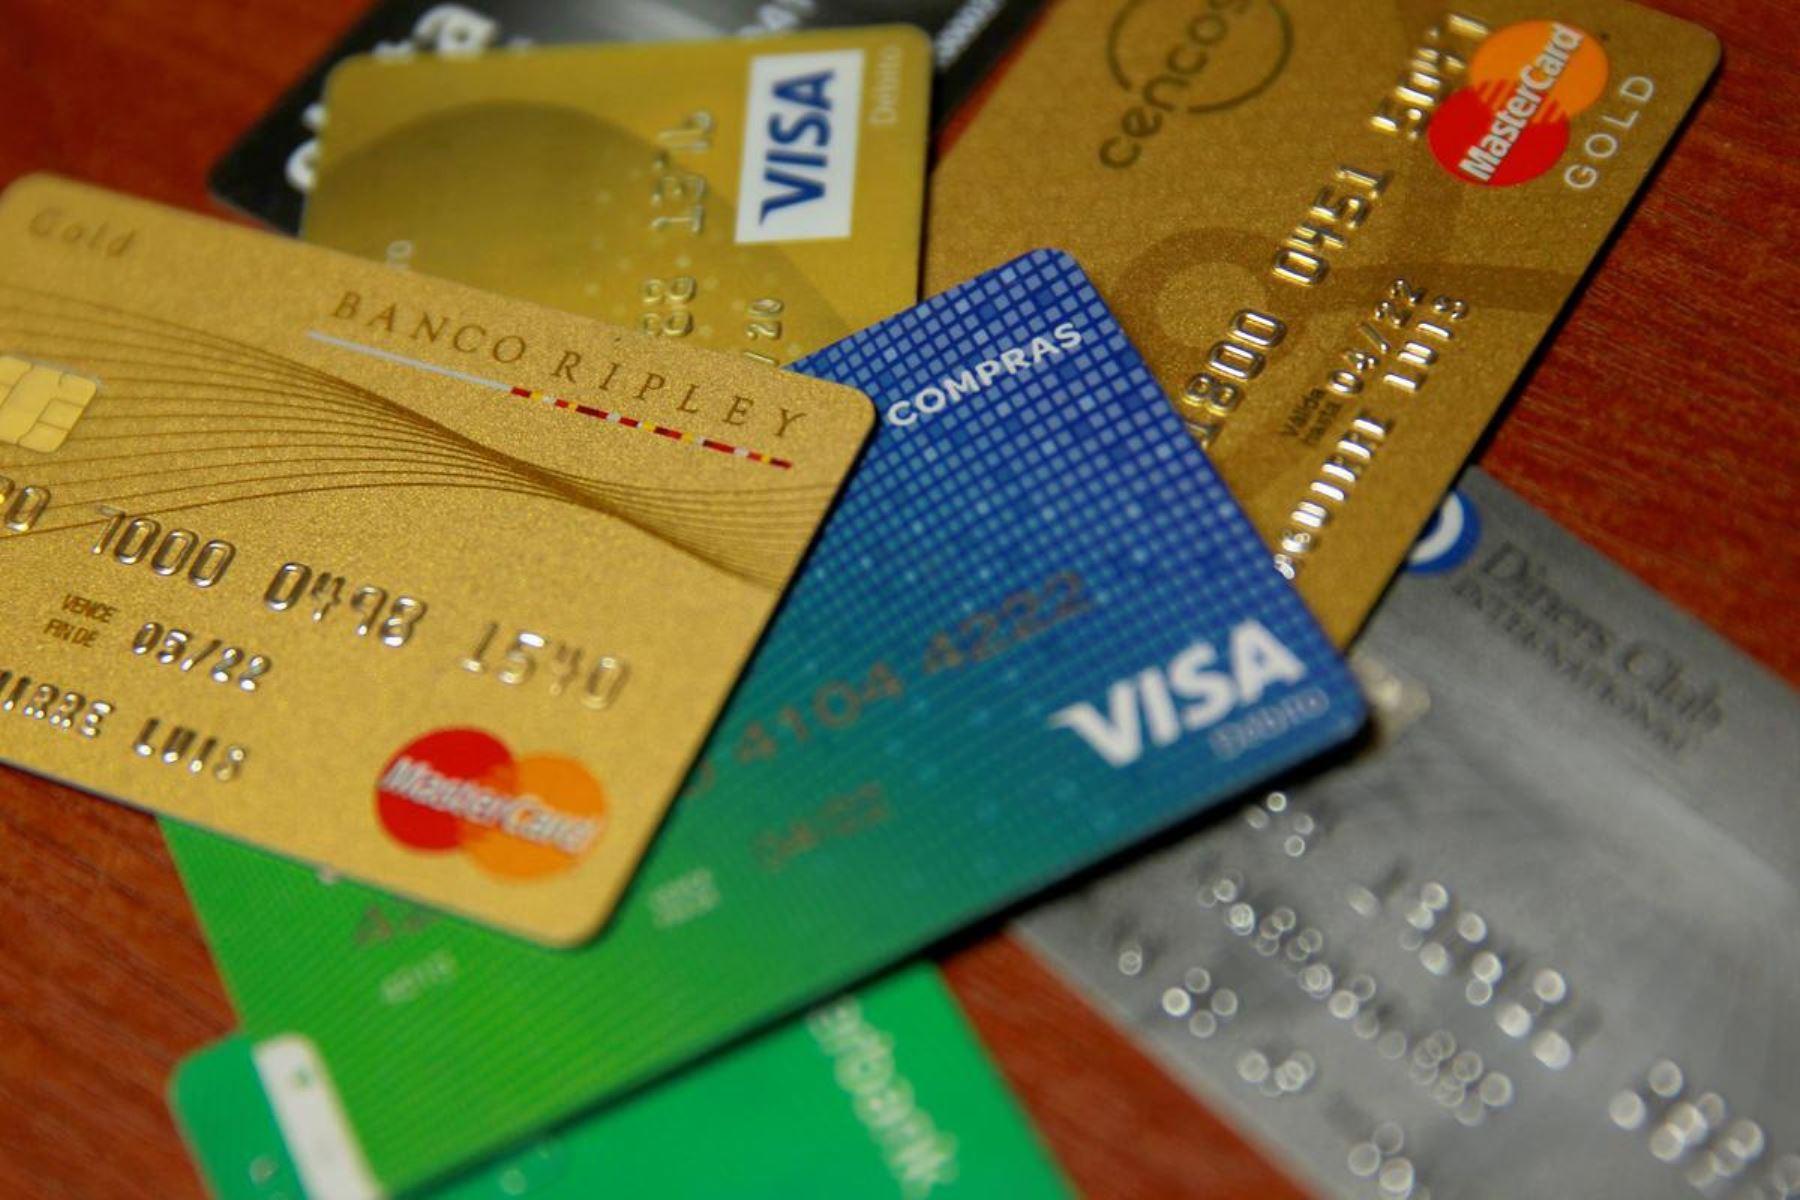 Tarjetas de crédito: ¿cómo usarlas y mantener buen historial crediticio?